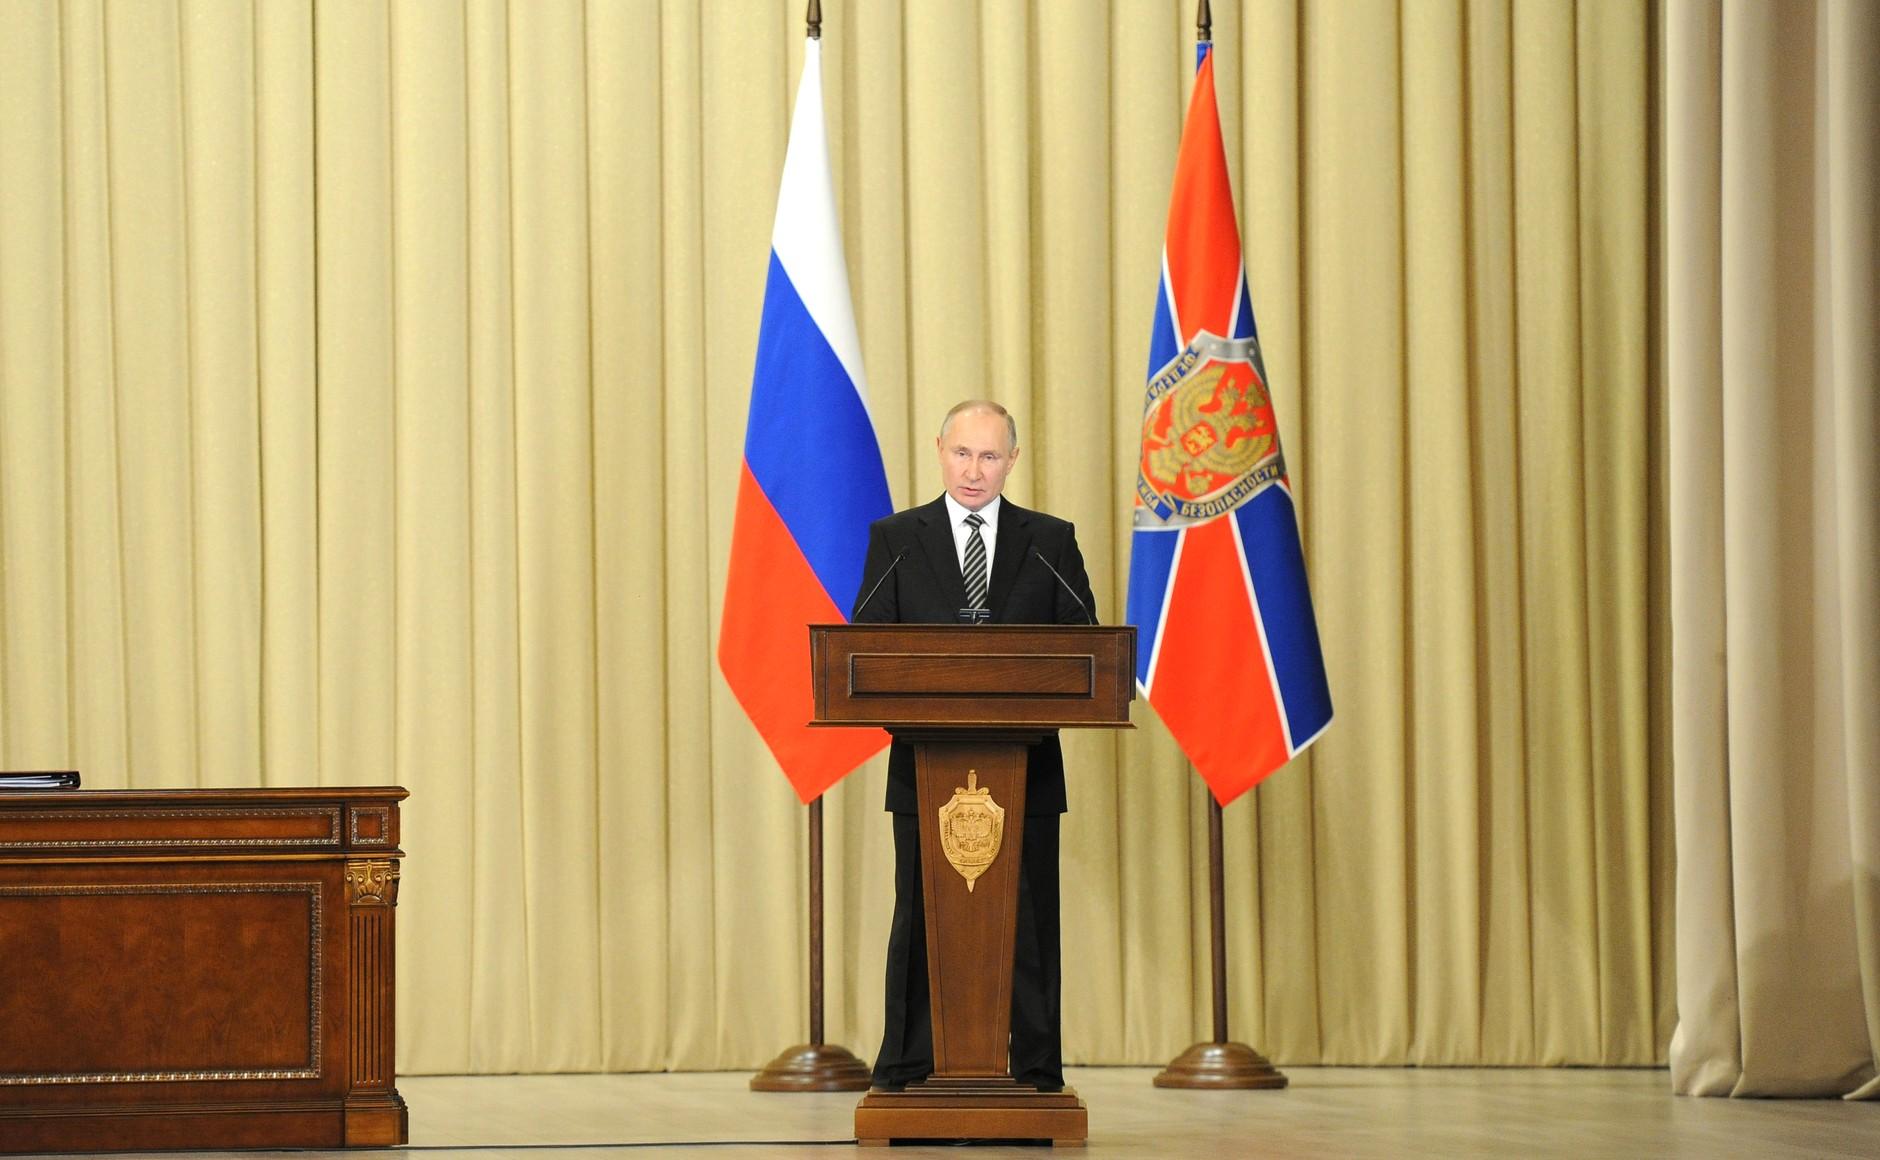 FSB PH 1 XX 5 Le président a tenu une réunion du conseil d'administration du FSB. Du 24 février 2021